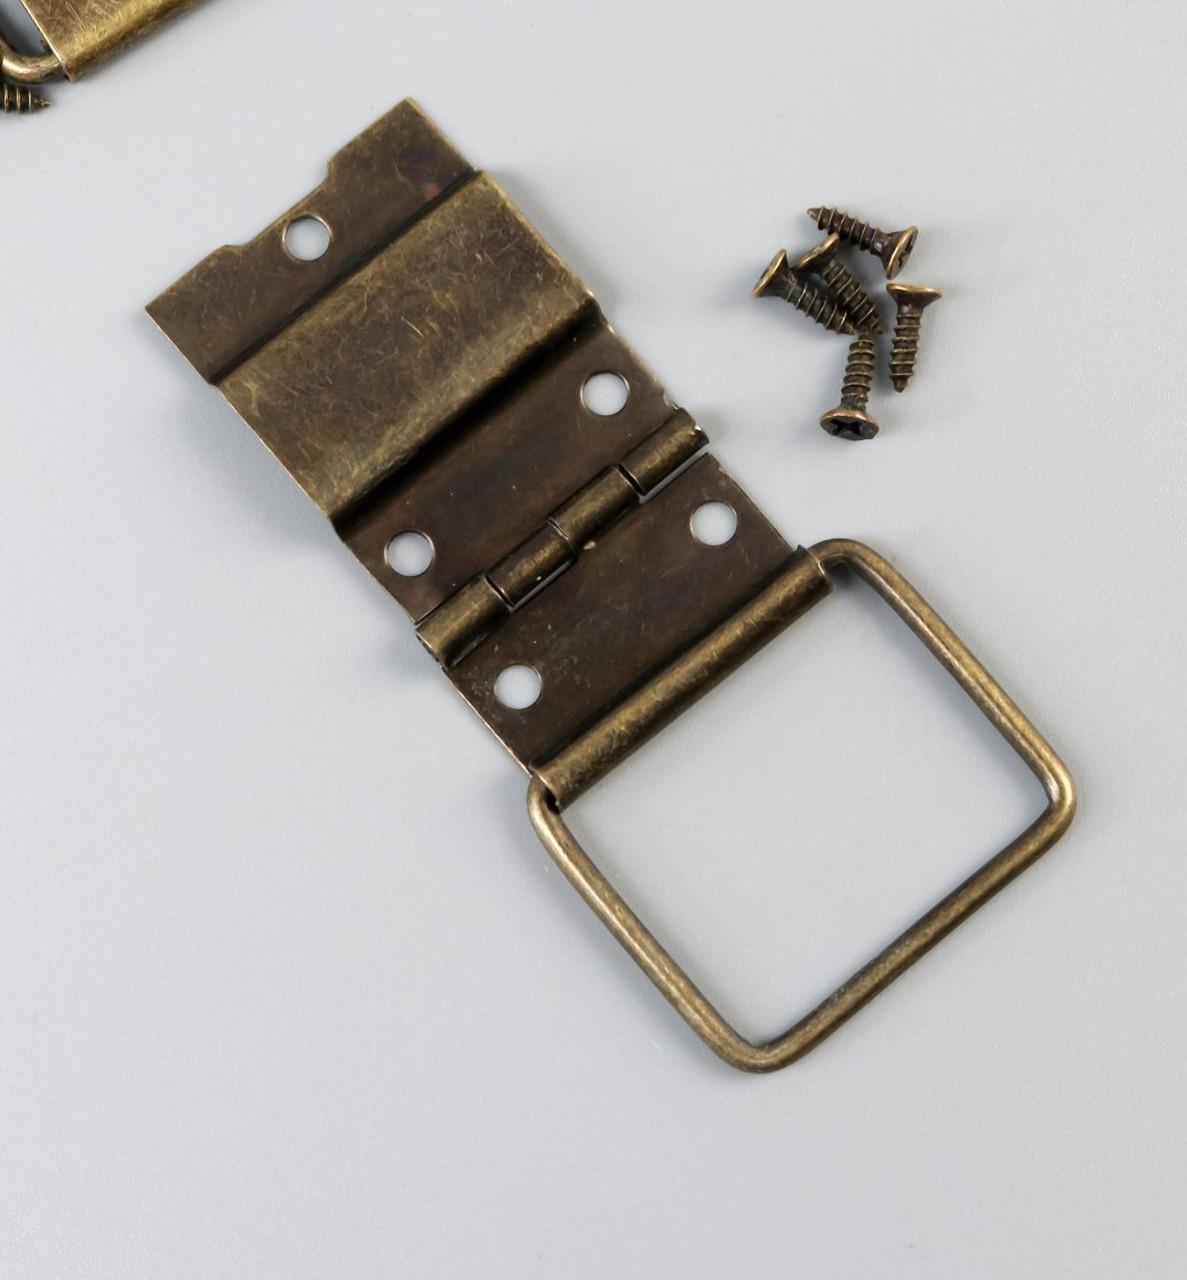 Петля накладная с упором угол открывания 90 градусов + гвозд. бронза набор 5 шт 4,8х2,4 см